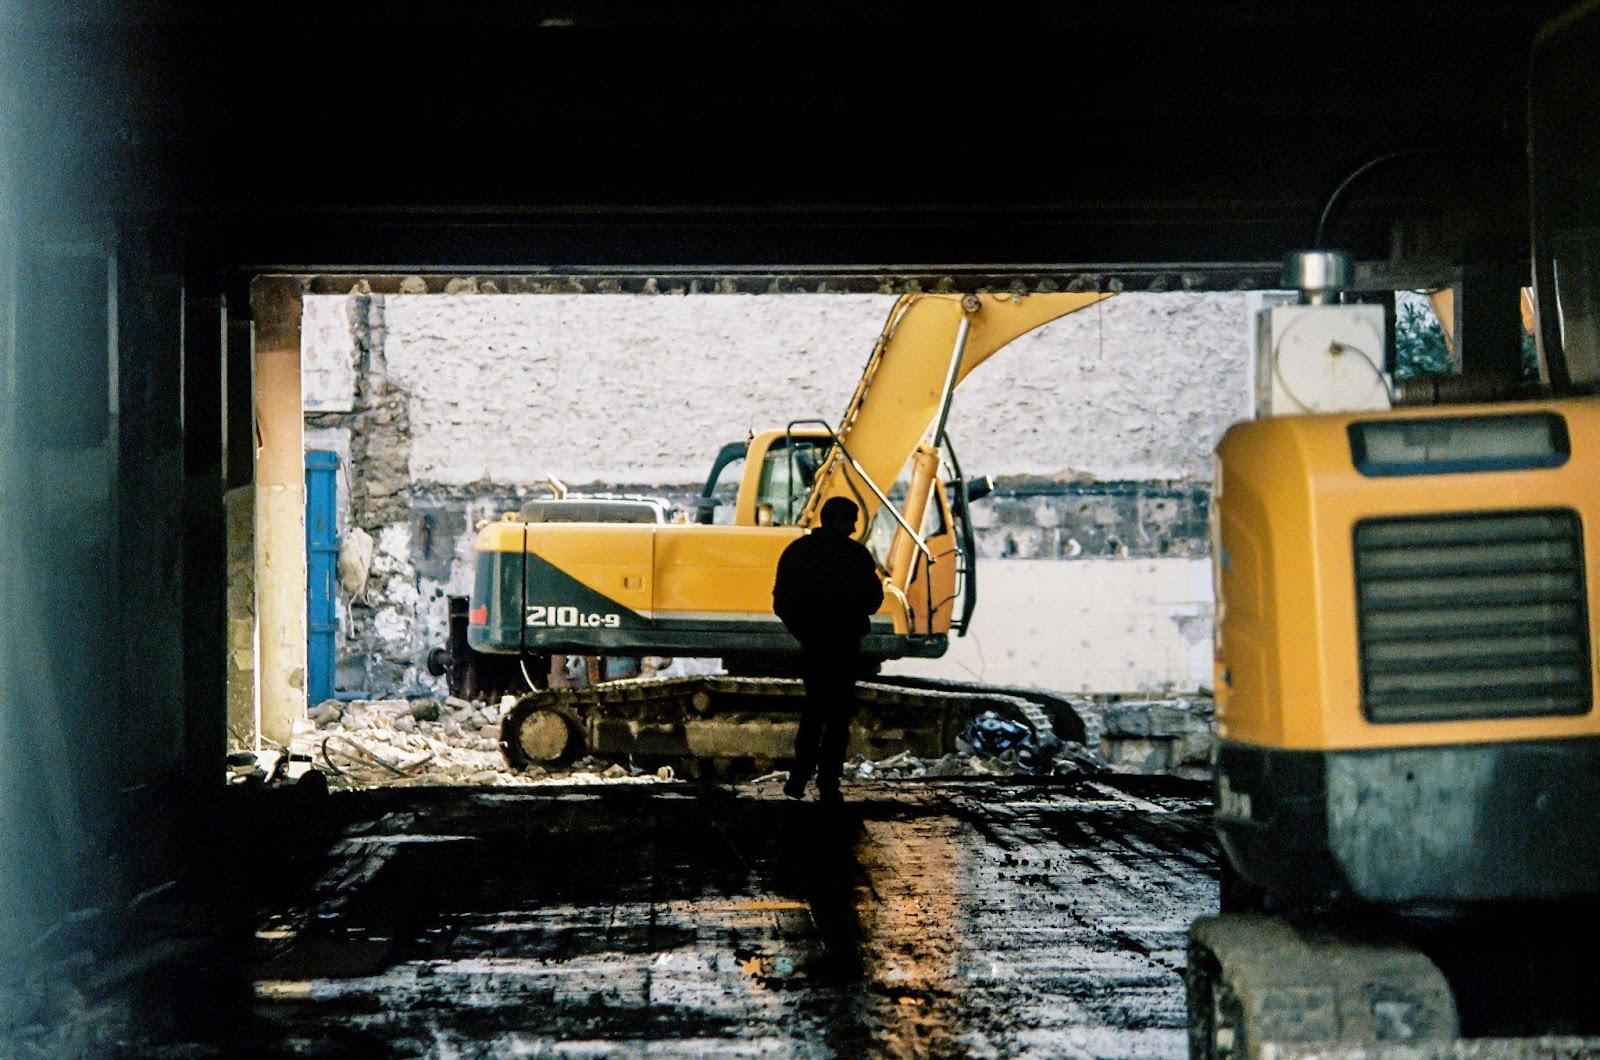 heavy equipment - excavator